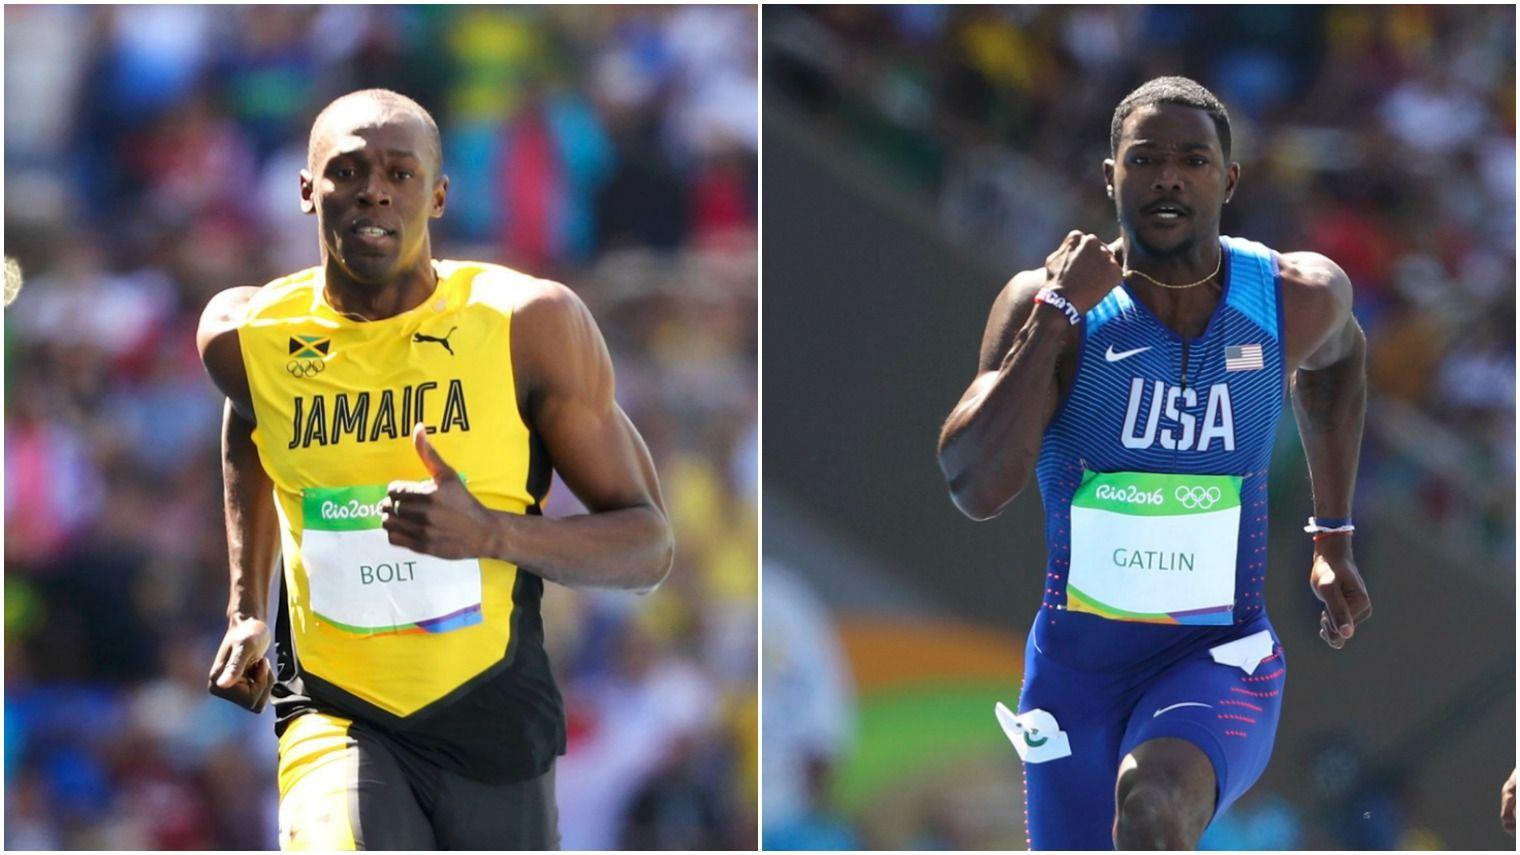 Le duel très attendu de ces JO : Bolt et Gatlin ©Lucy Nicholson / Reuters